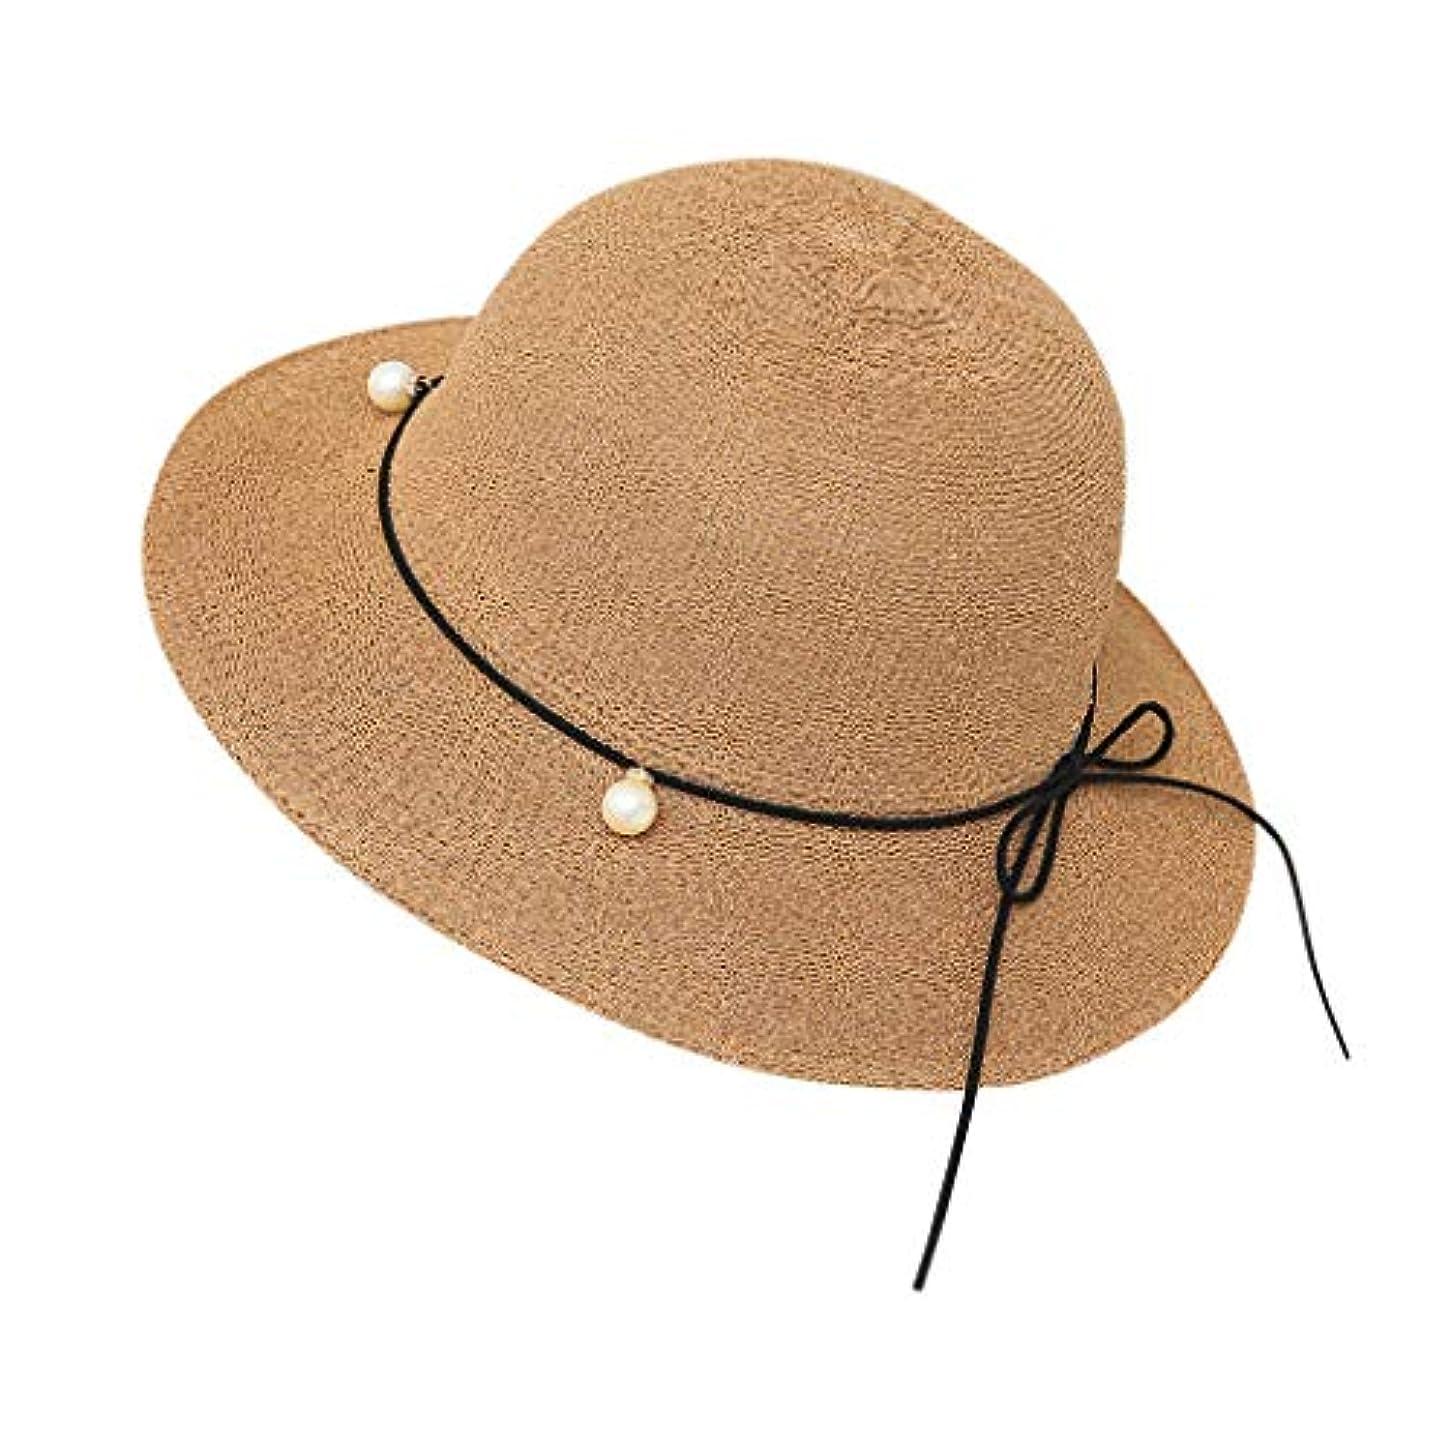 同性愛者ばかげた権威帽子 レディース 夏 女性 UVカット 帽子 ハット 漁師帽 つば広 吸汗通気 紫外線対策 大きいサイズ 日焼け防止 サイズ調節 ベレー帽 帽子 レディース ビーチ 海辺 森ガール 女優帽 日よけ ROSE ROMAN